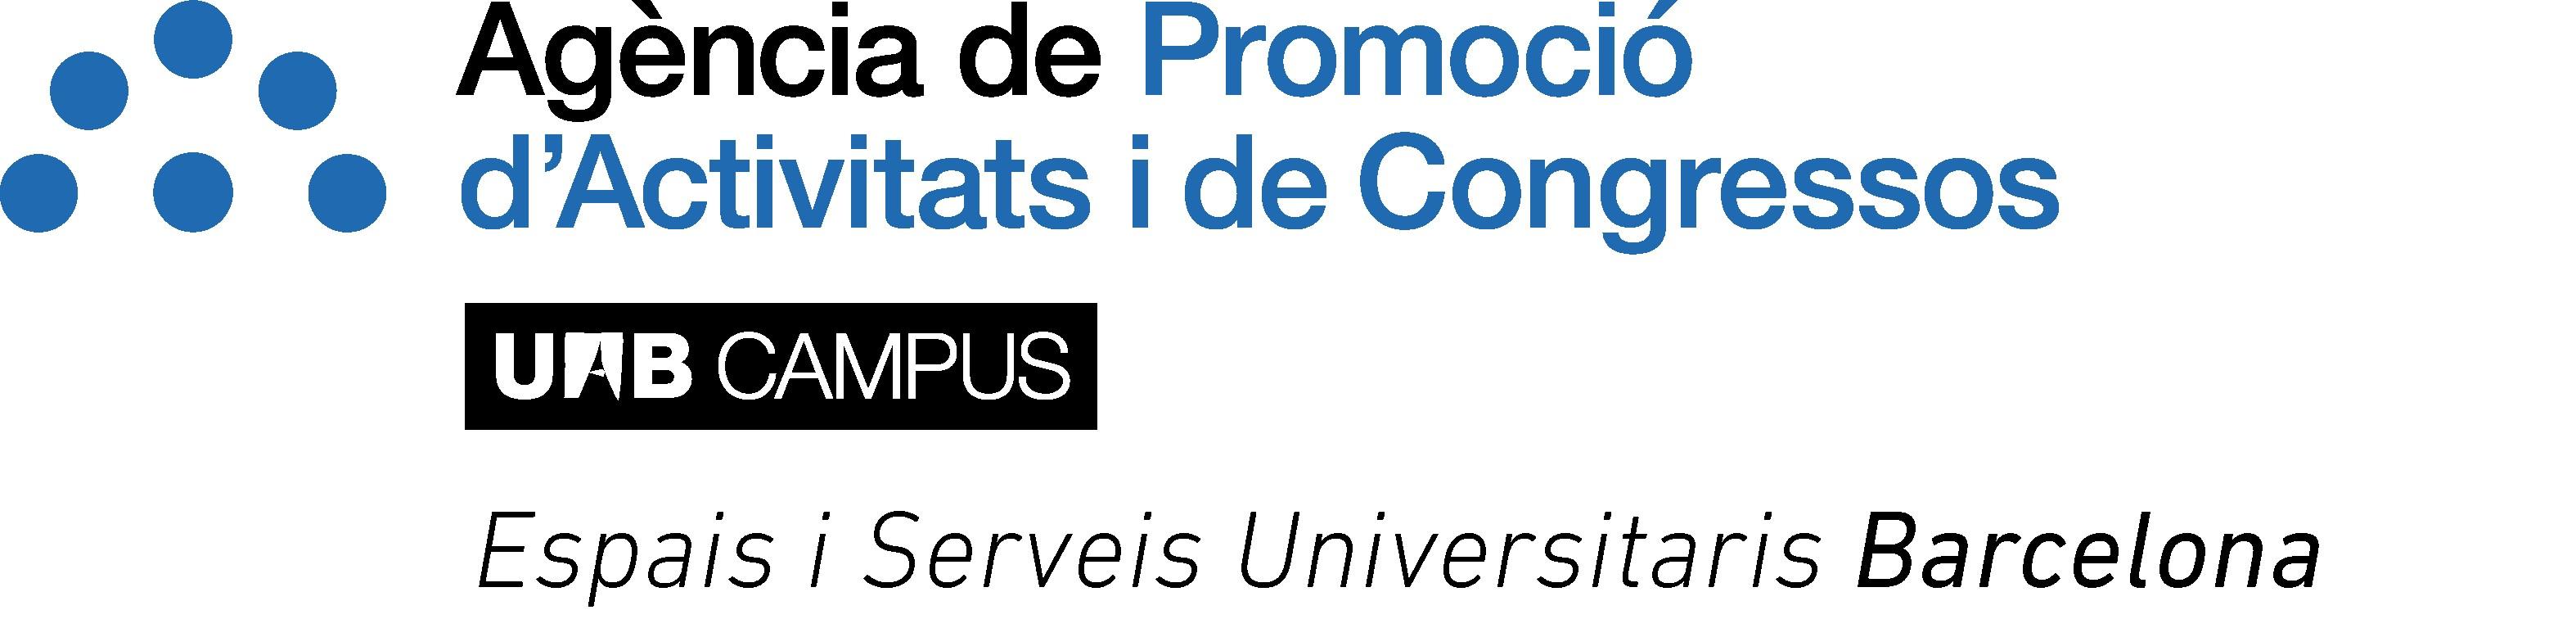 Agència de Promoció d'Activitats i de Congressos -UAB Campus